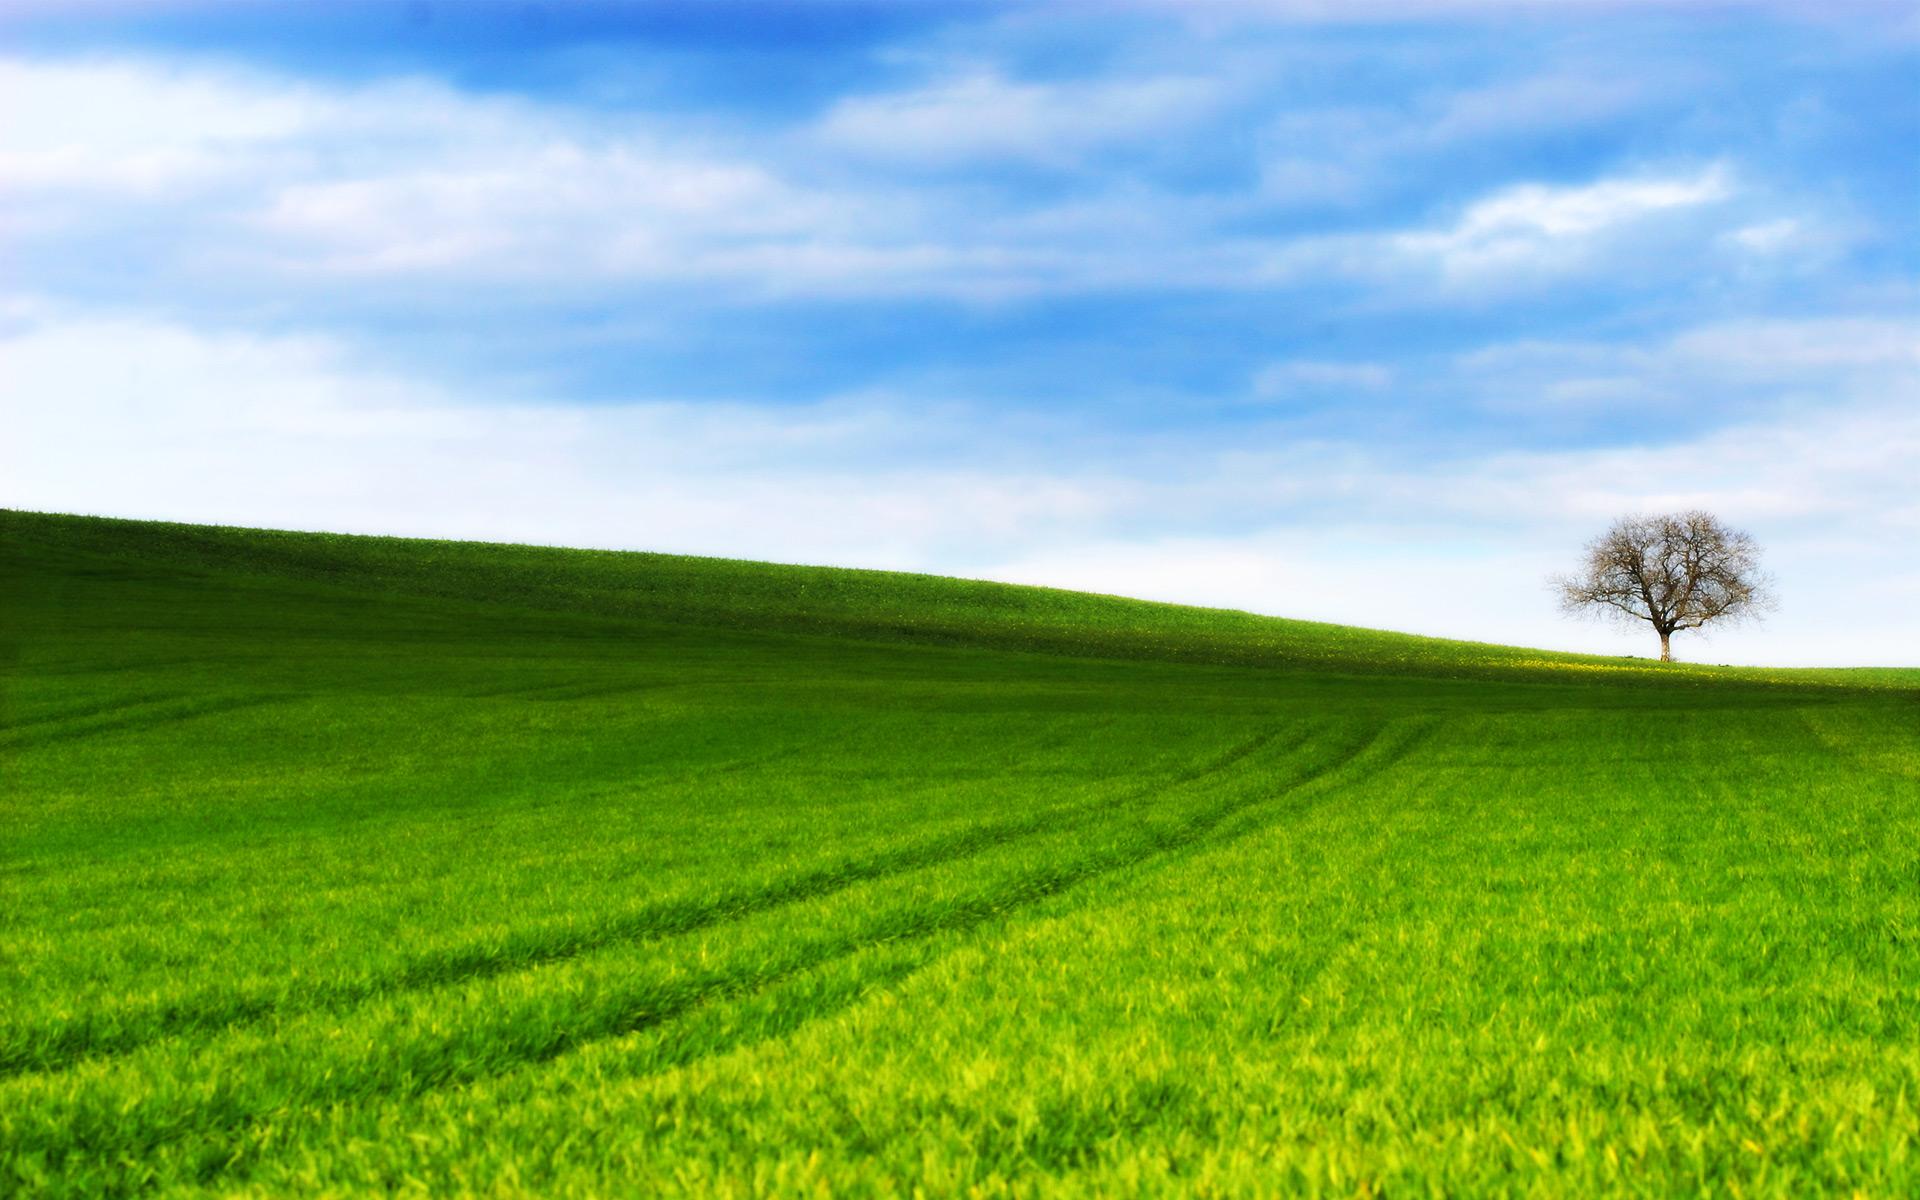 Grassy_Hill_by_ryanstfu.jpg